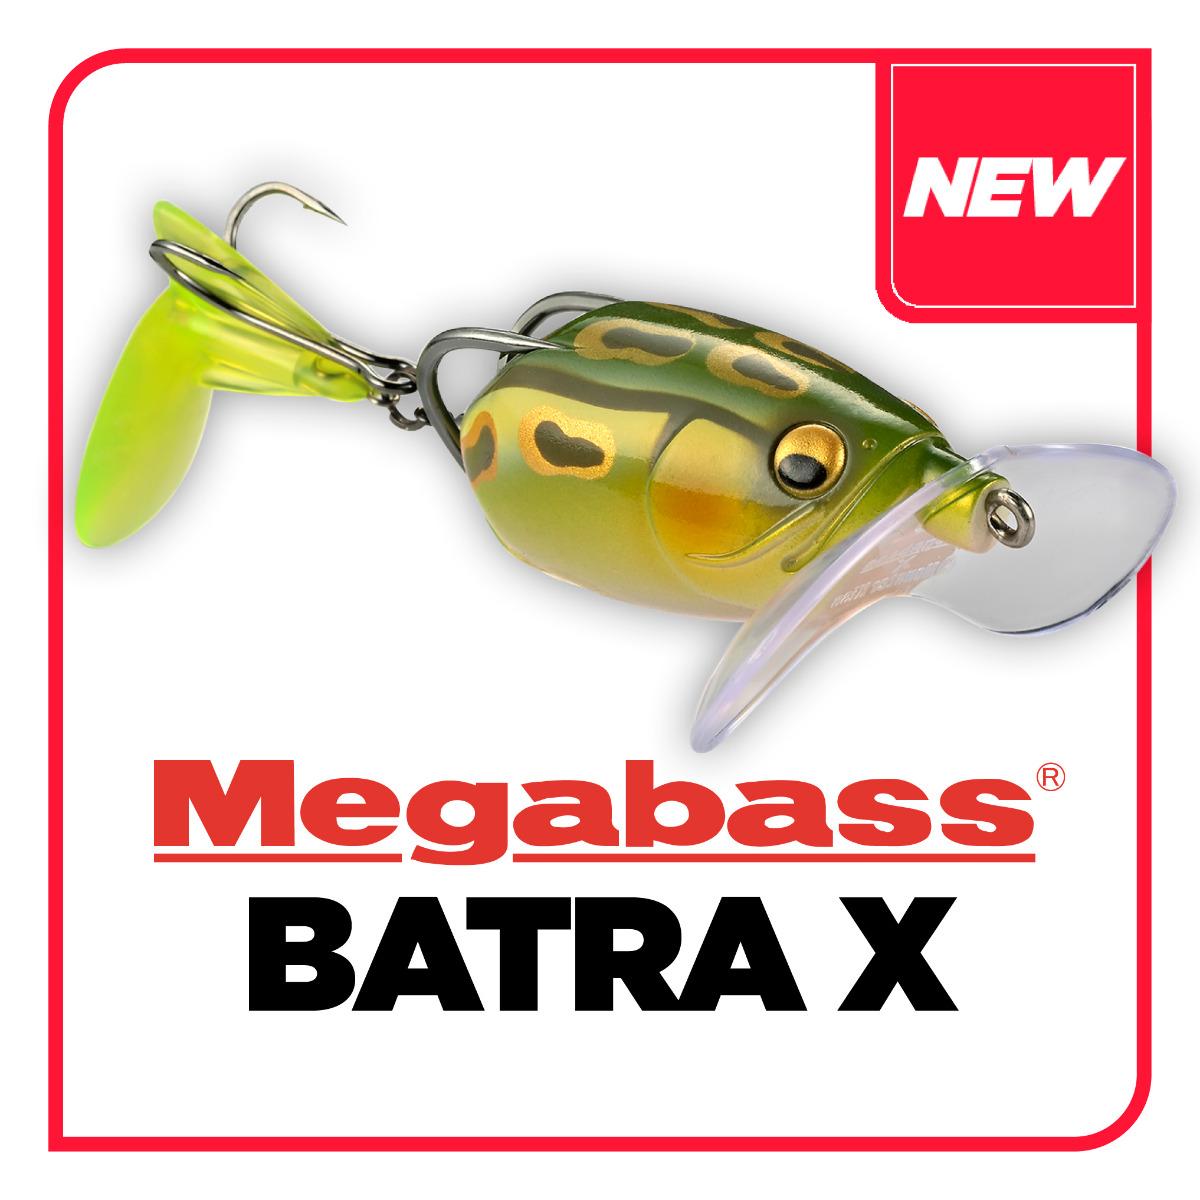 BATRA X